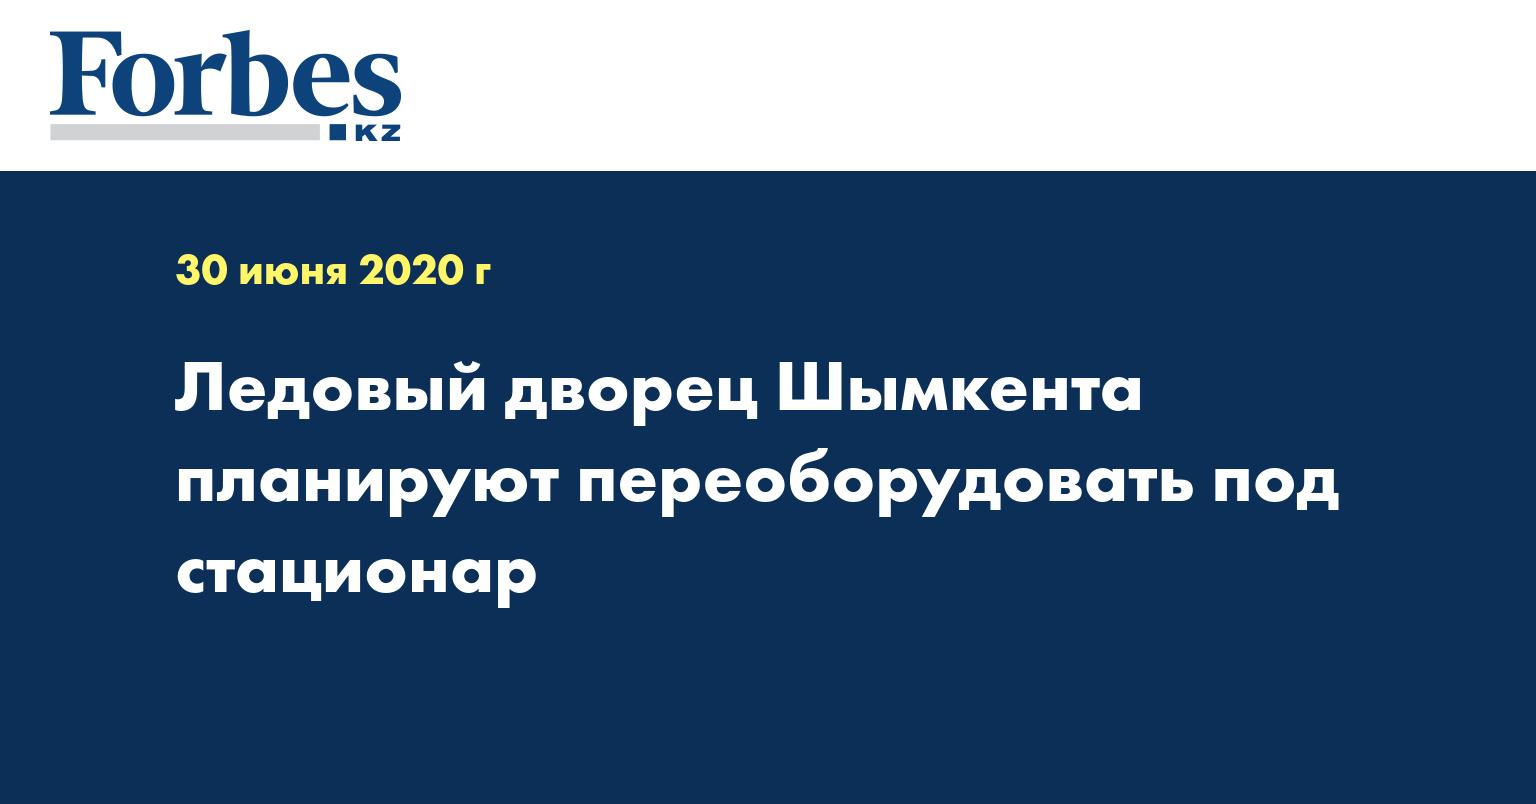 Ледовый дворец Шымкента планируют переоборудовать под стационар